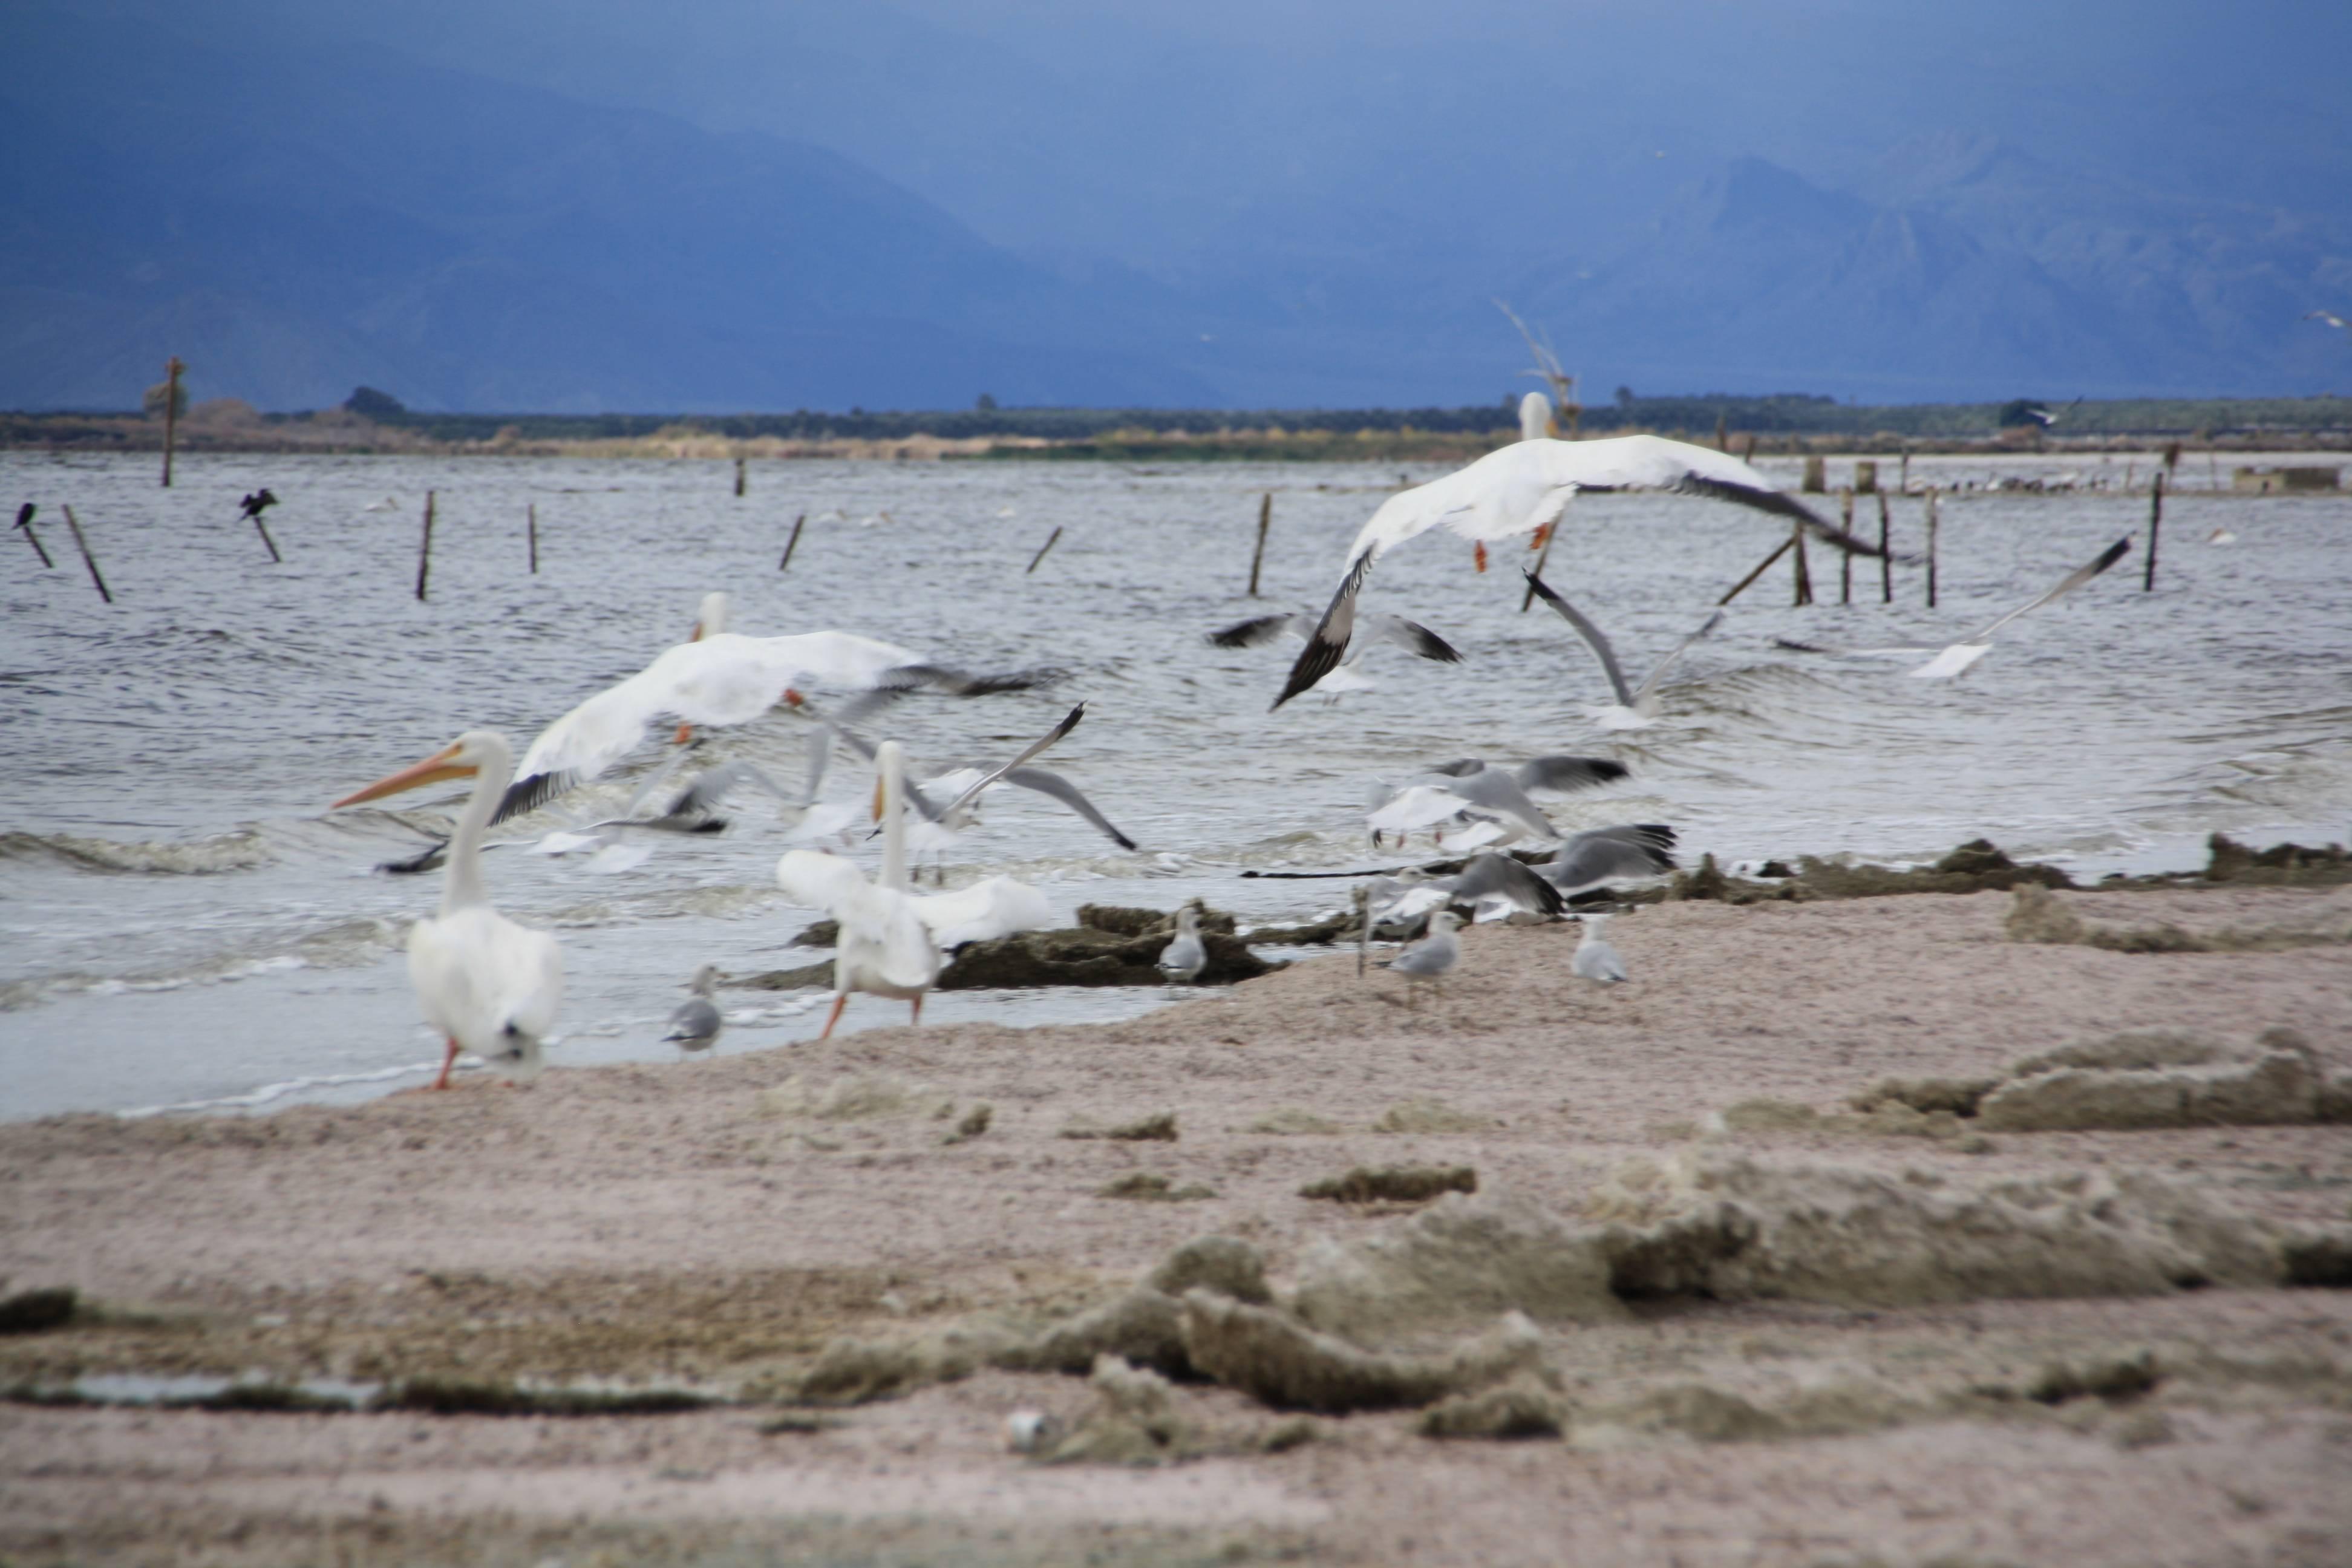 Birds at Salton Sea in CA